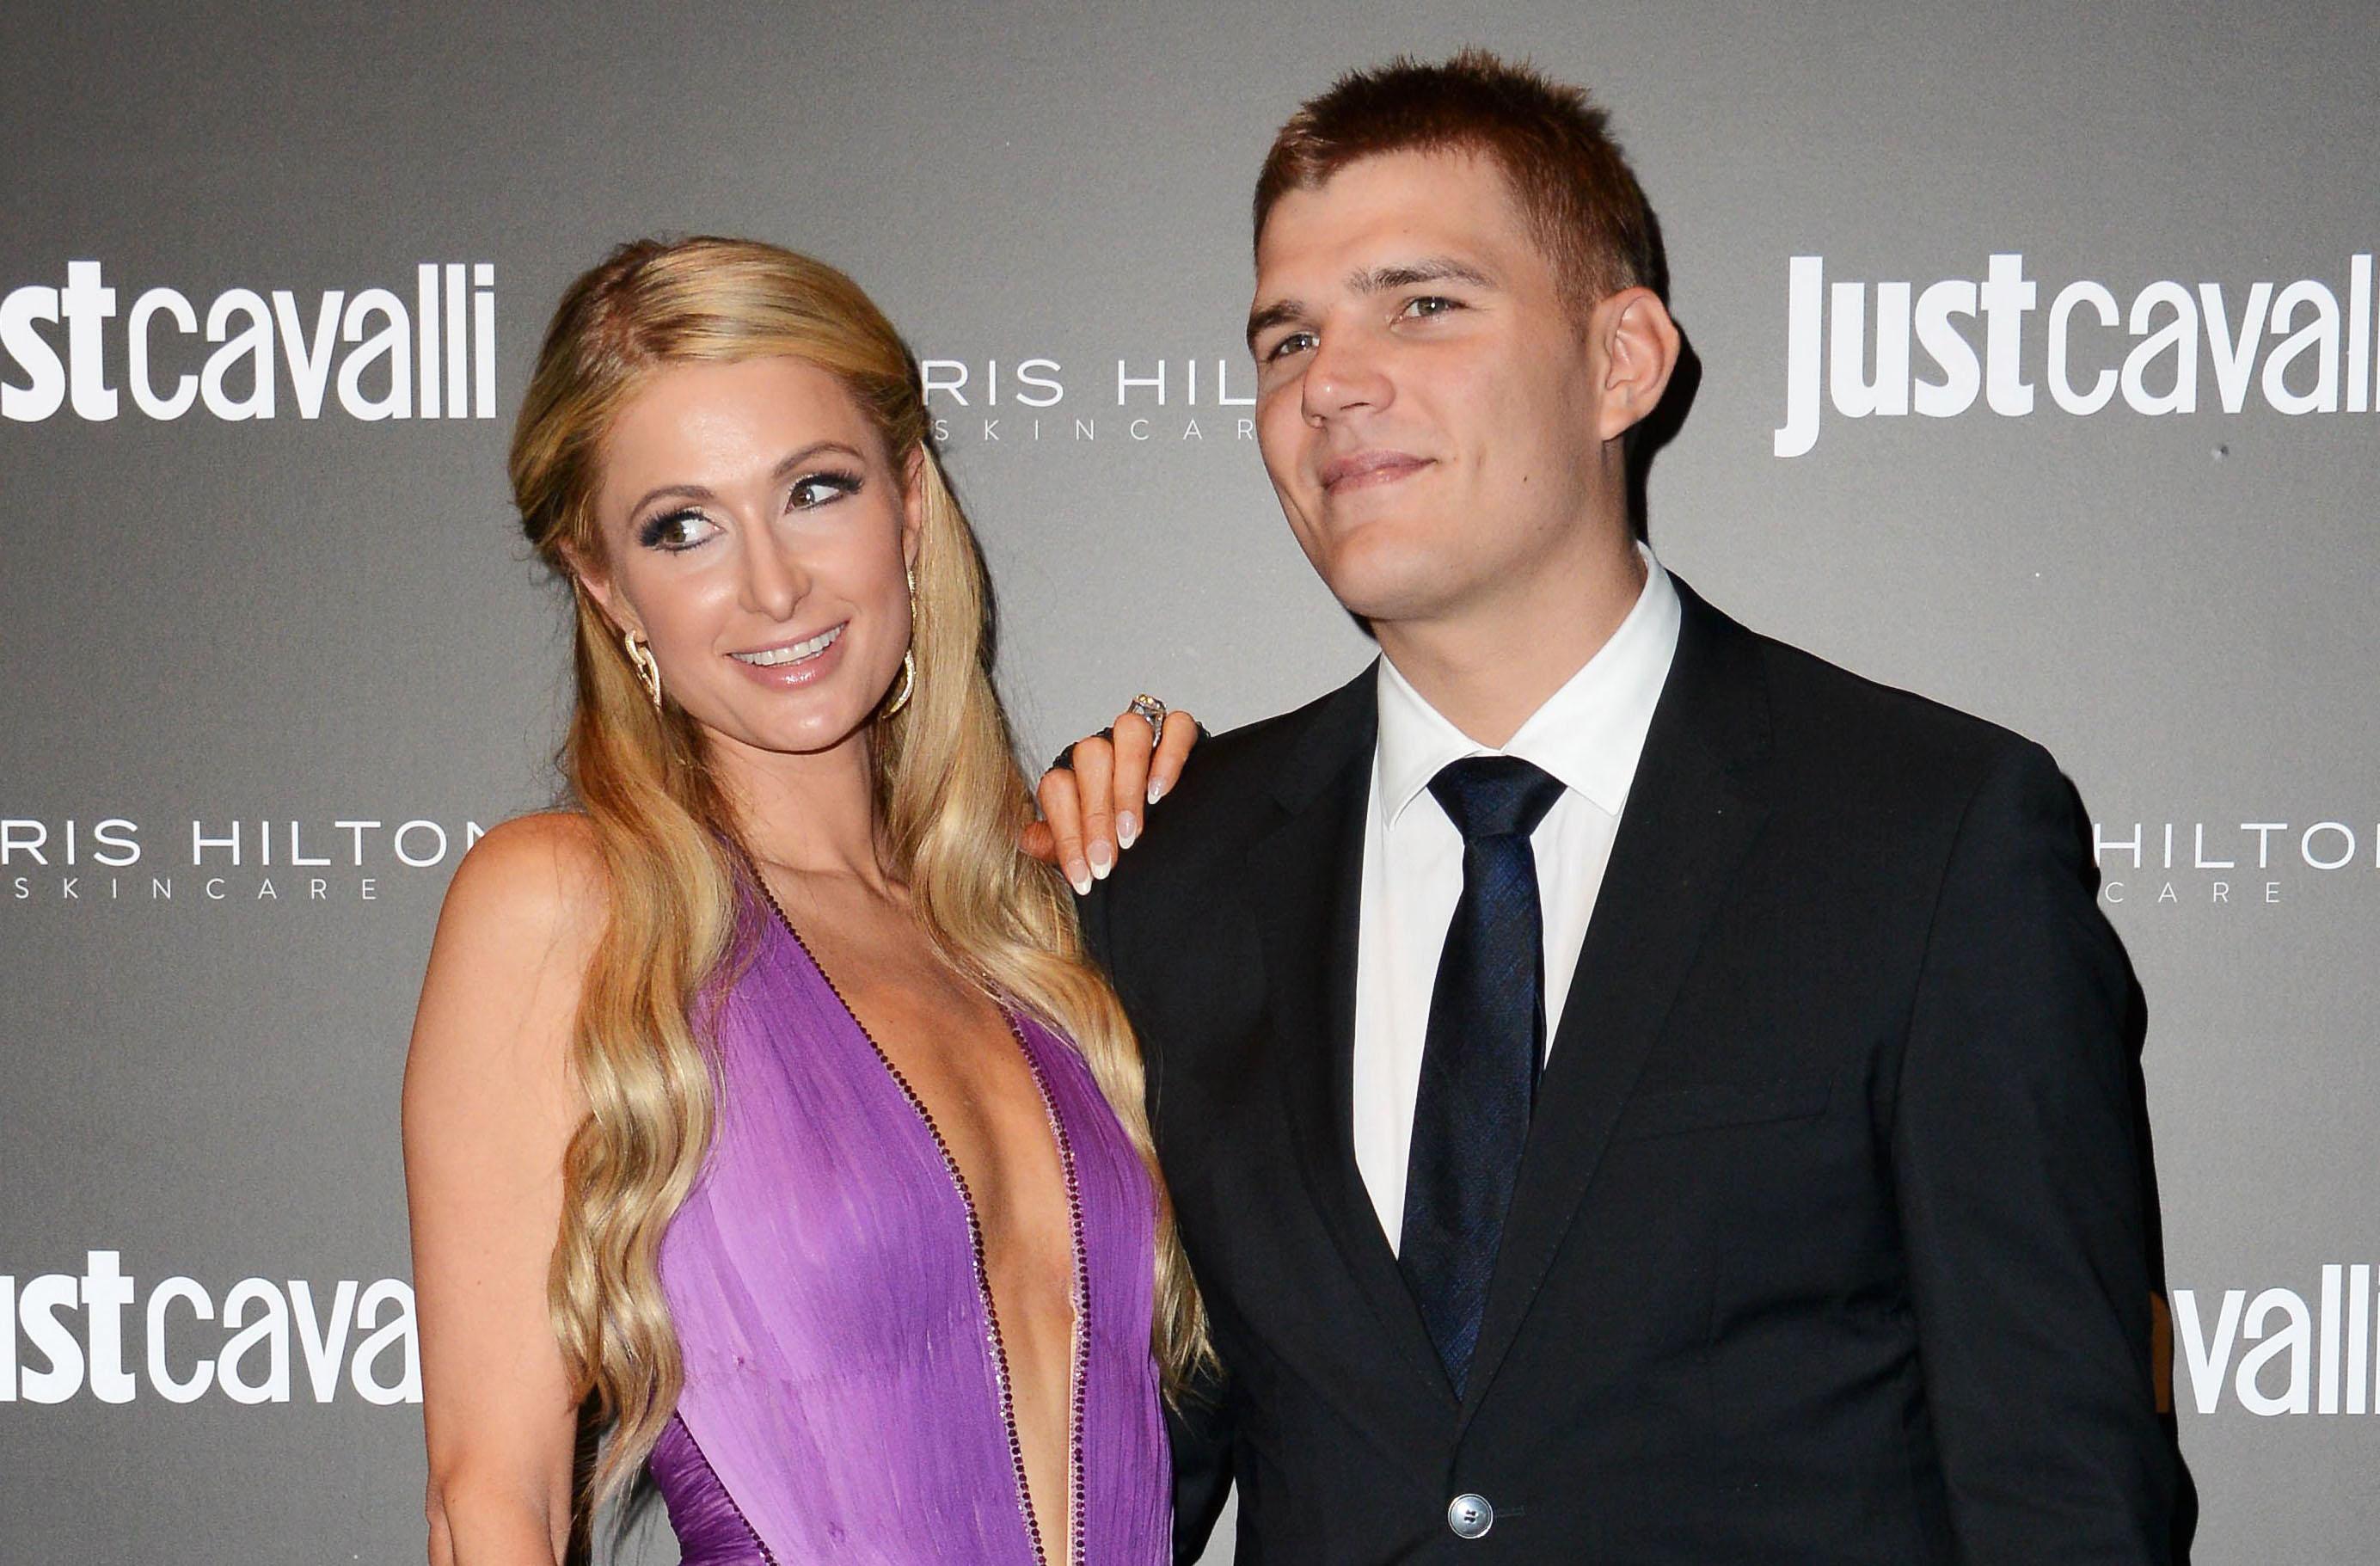 Paris Hilton And Fiance Chris Zylka 39split39 Eleven Months